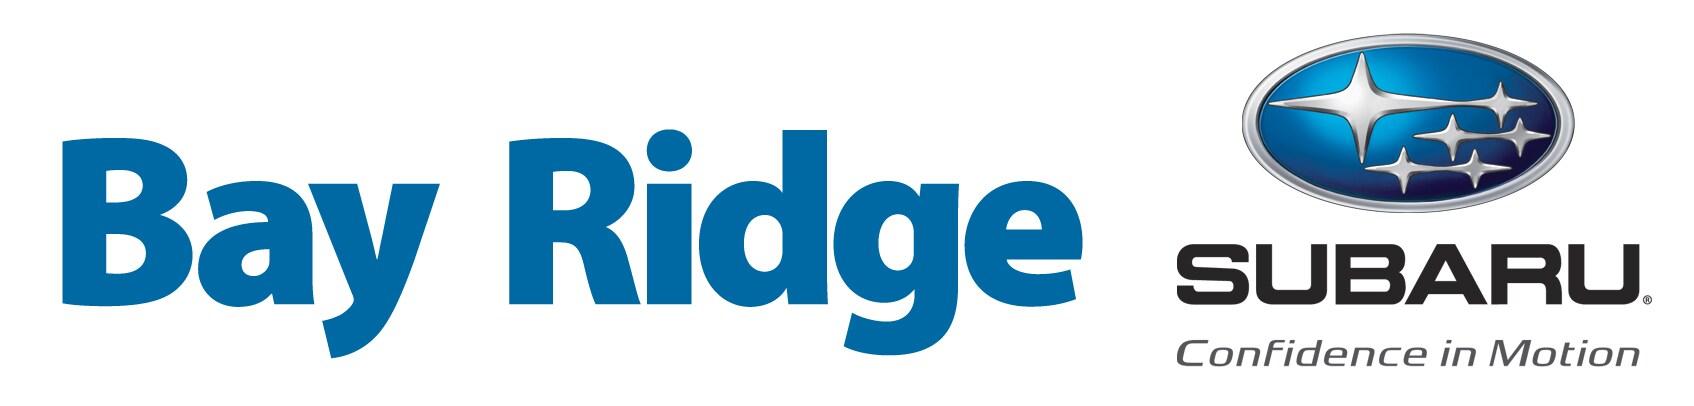 Bay Ridge Bay Ridge Subaru | New Subaru